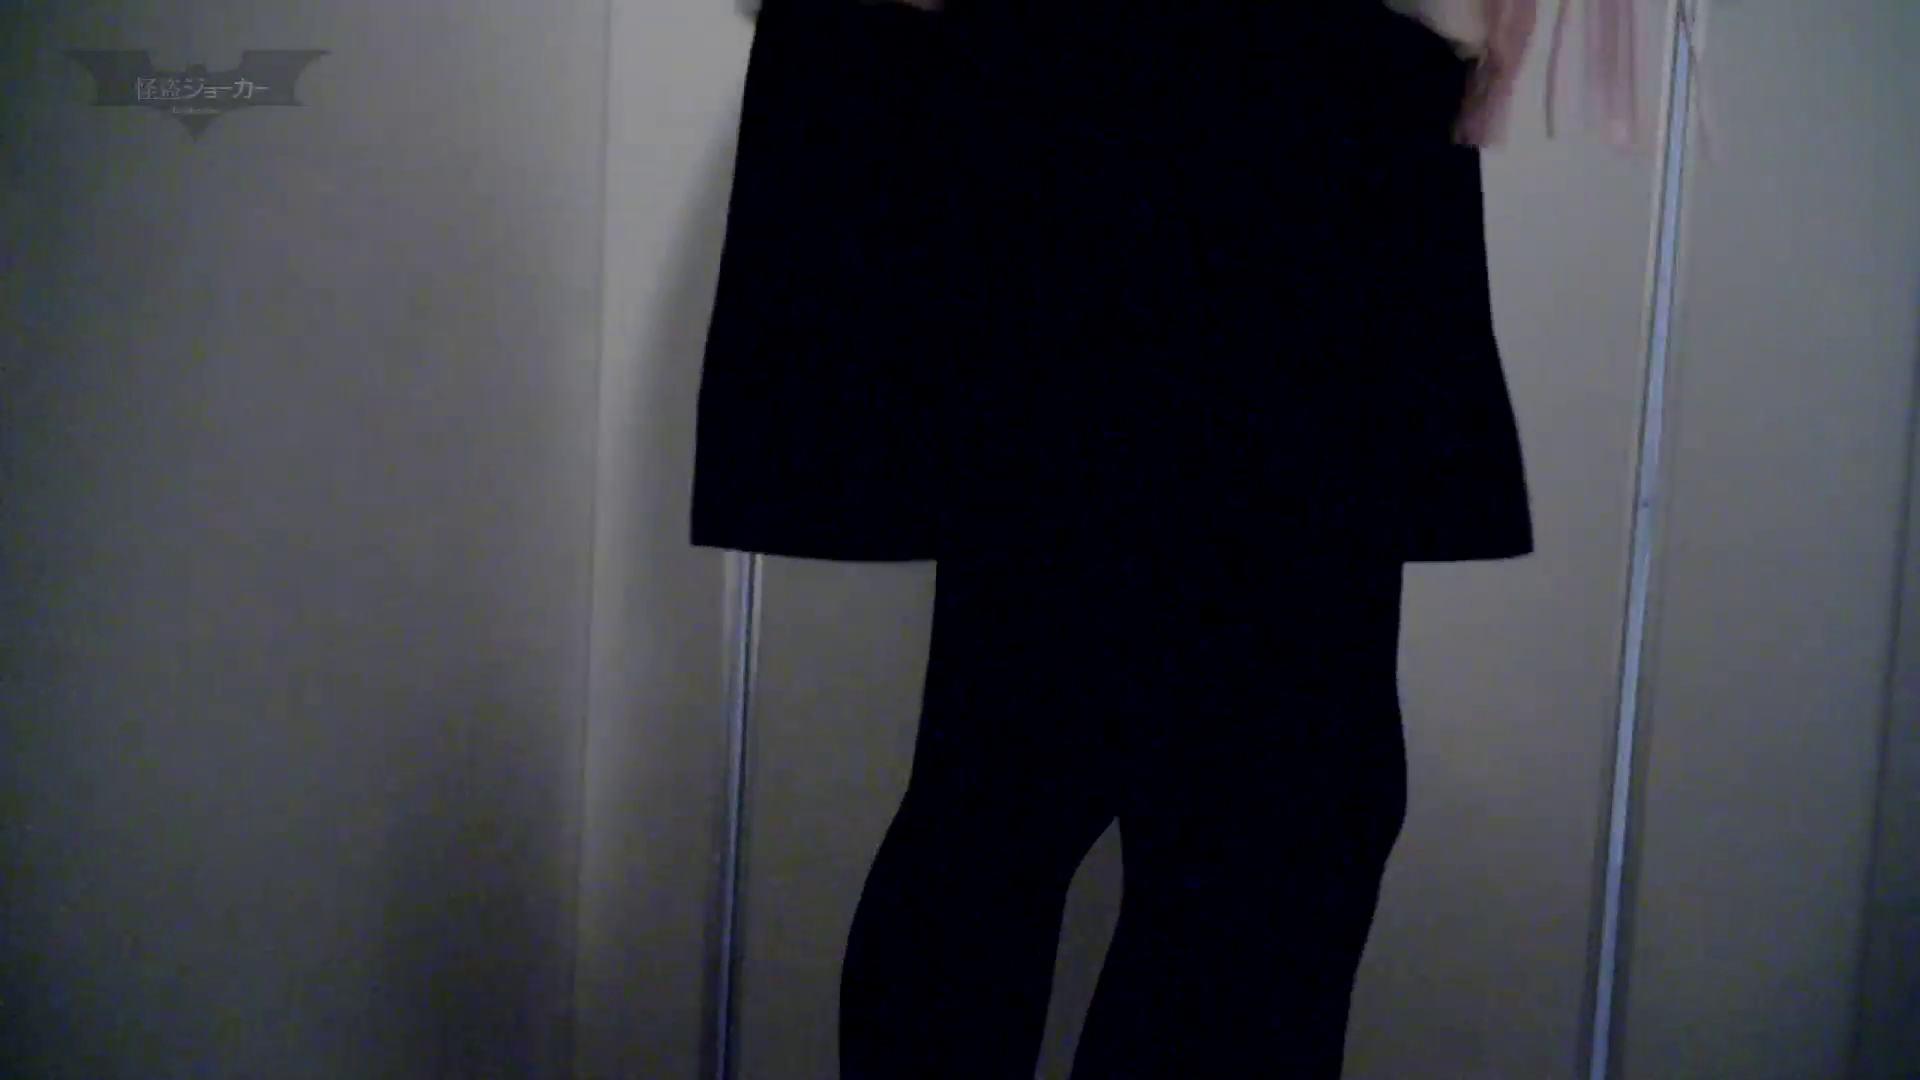 有名大学女性洗面所 vol.57 S級美女マルチアングル撮り!! 洗面所 隠し撮りAV無料 103pic 18